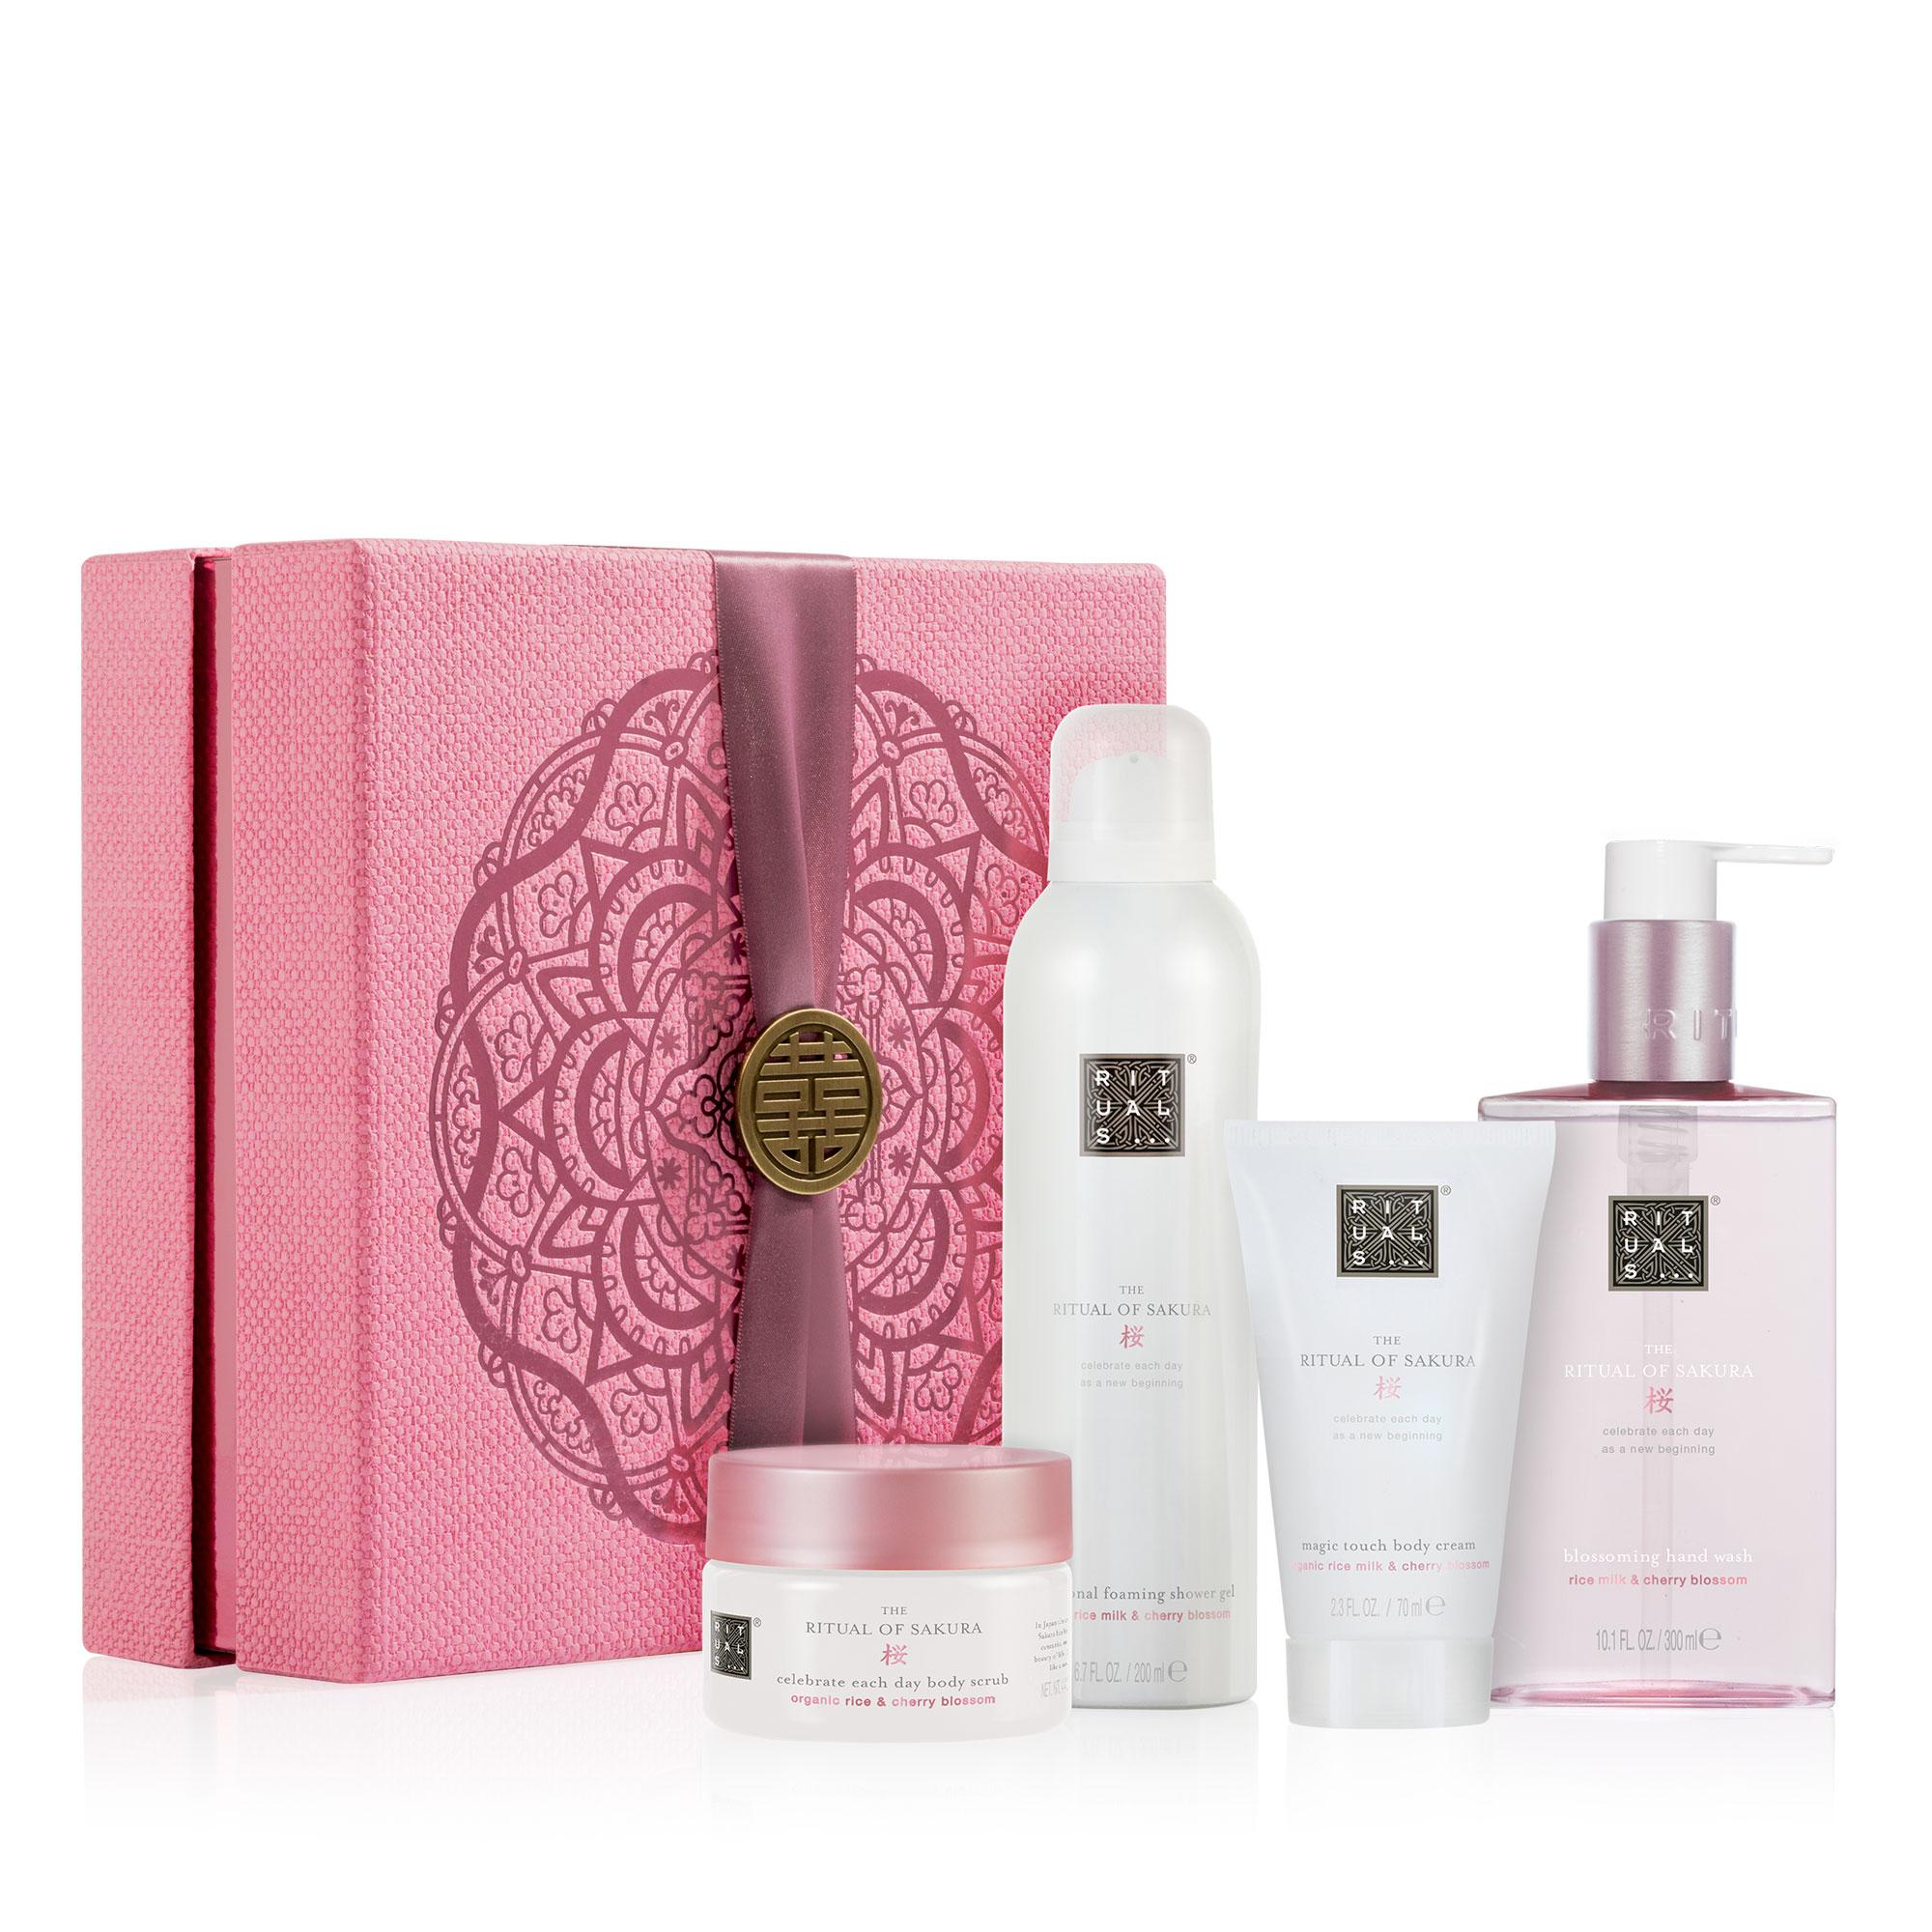 The Ritual Of Sakura - Renewing Ritual Medium Giftbox